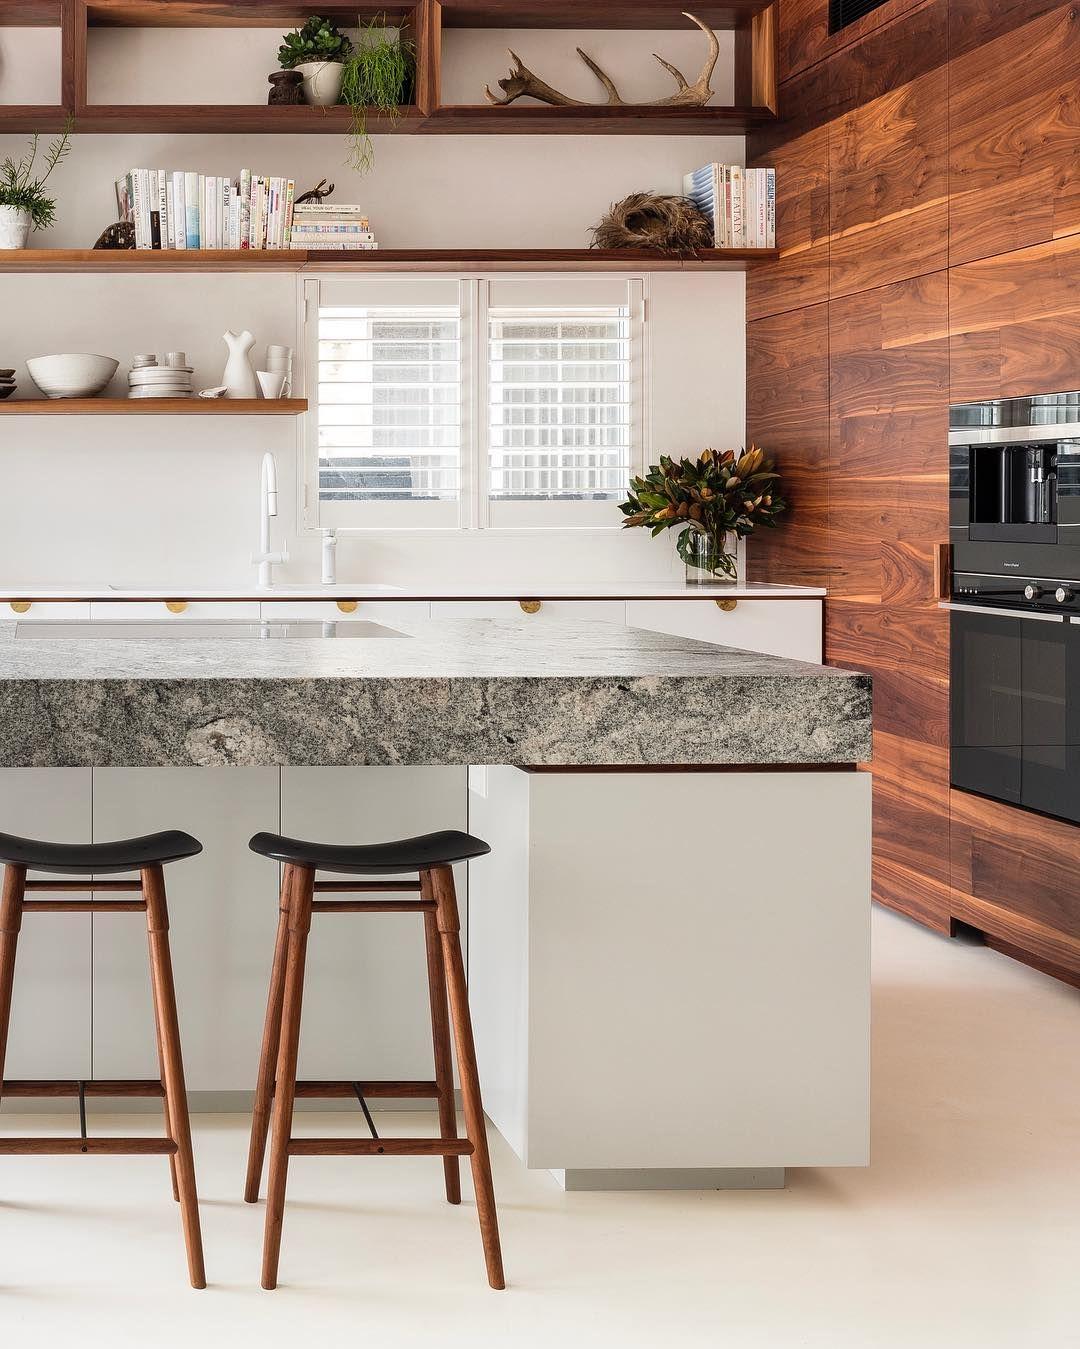 New Home Designs, Kitchen